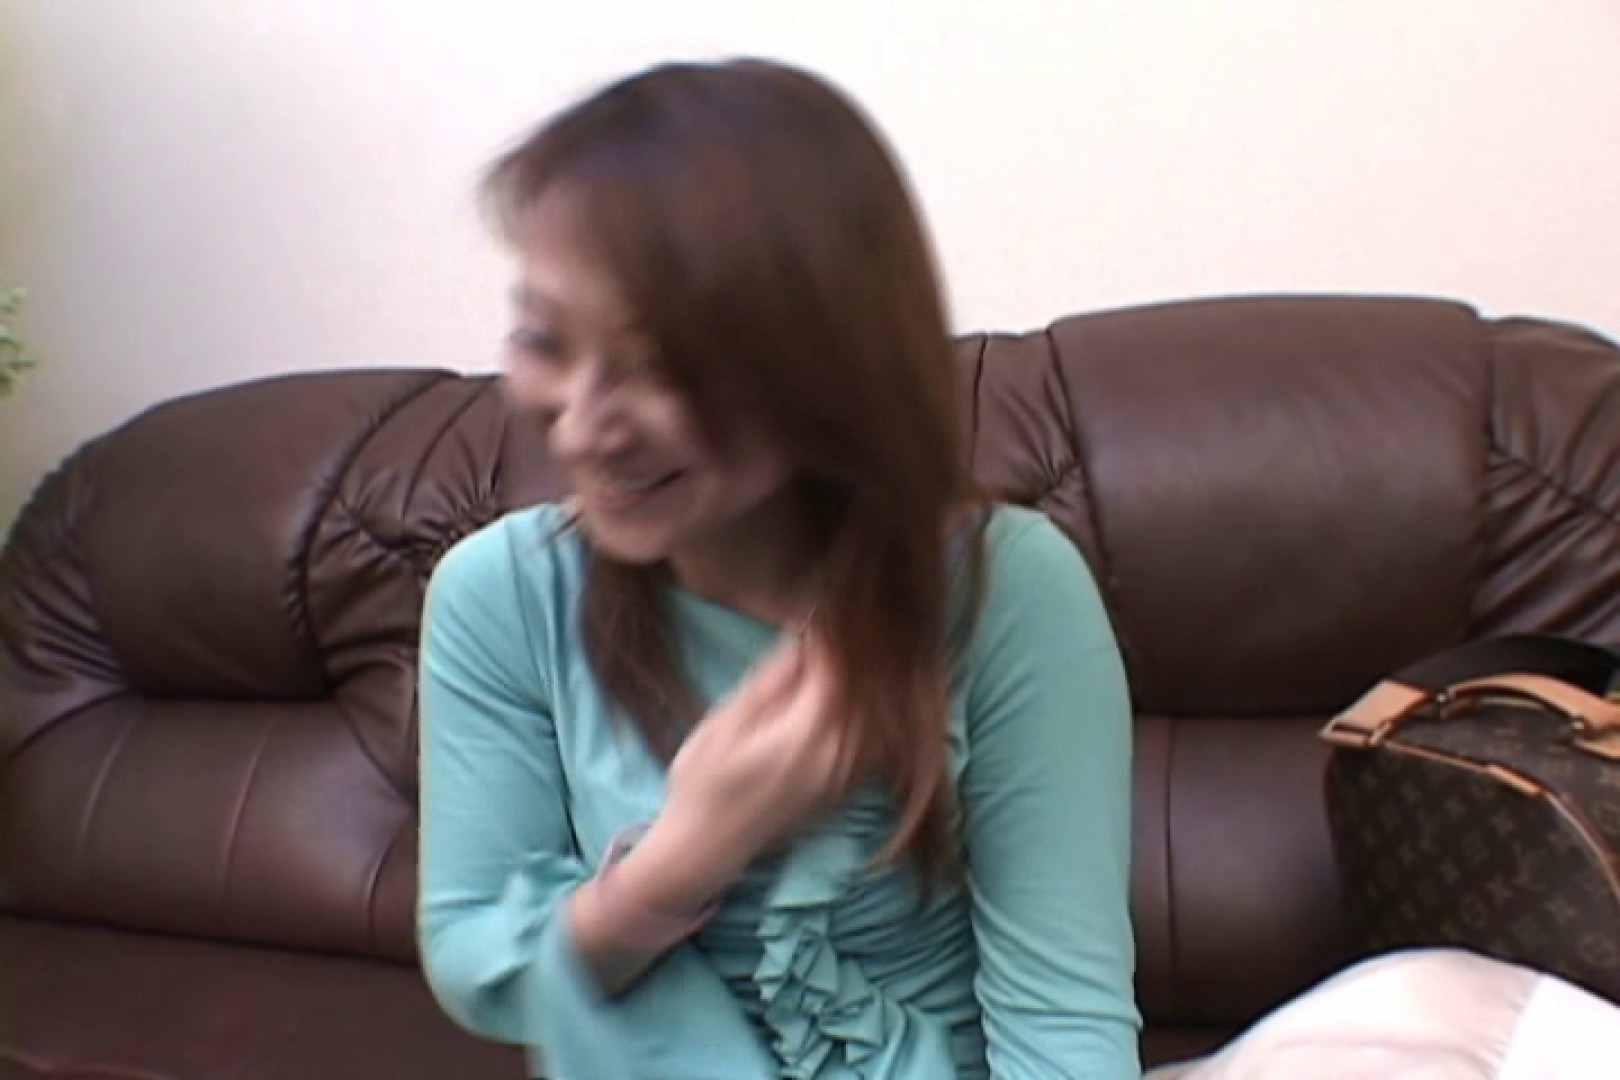 オナニー好きの綺麗なお姉さんと楽しくSEX~姫野あかね~ 超エロお姉さん  83枚 42